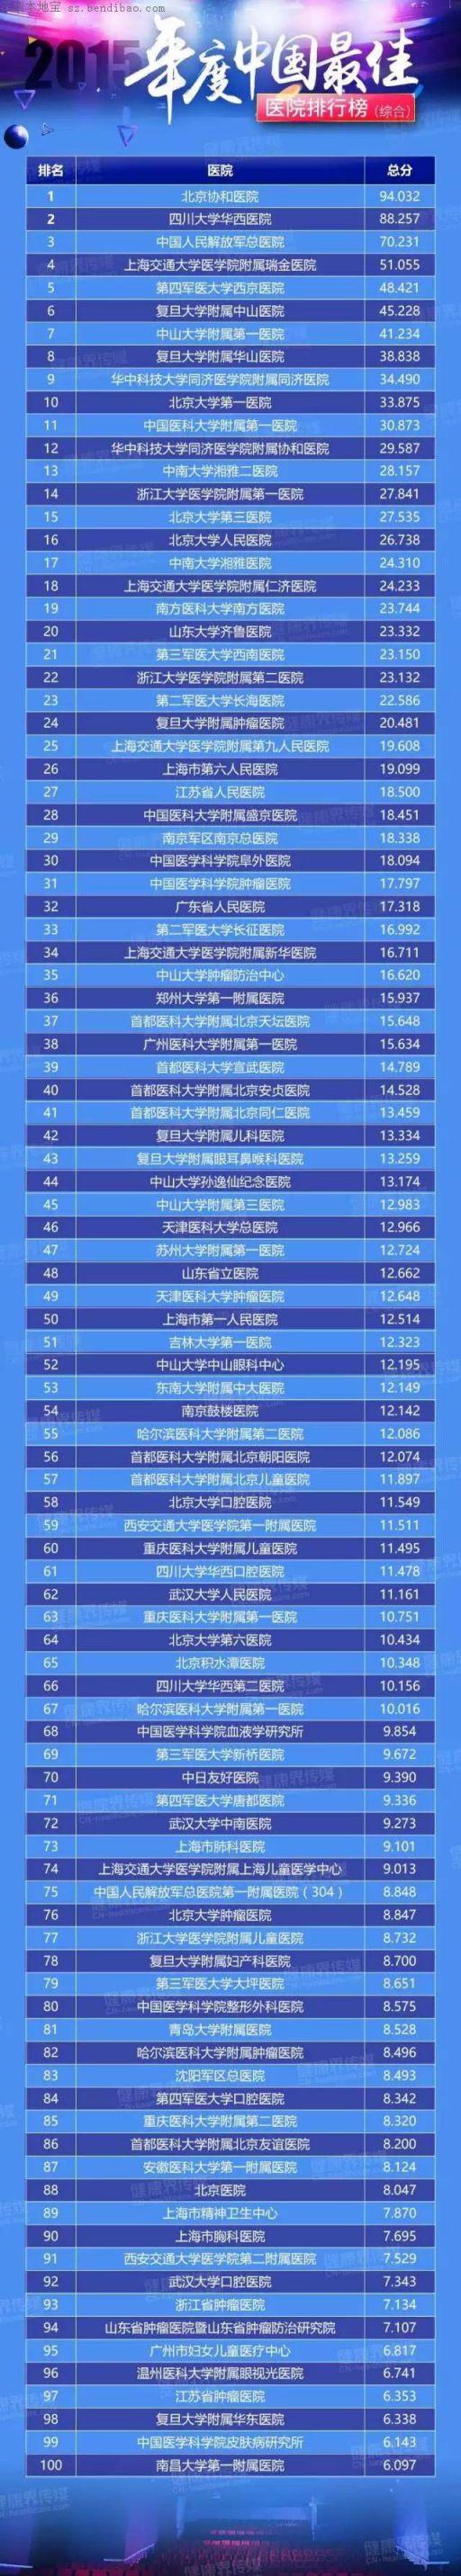 2015中国最佳医院排行榜出炉 广东7家进前50名